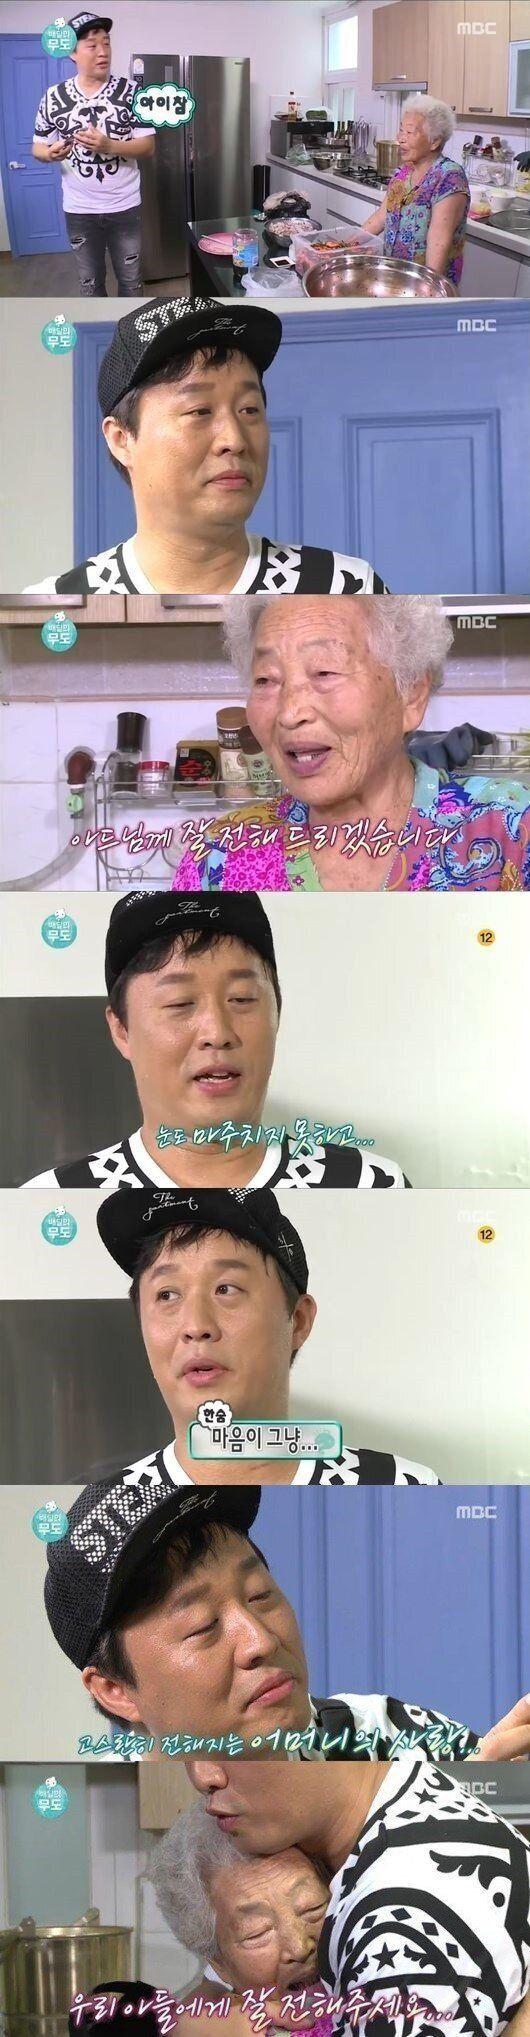 [TV톡톡]'무도' 엄마 된 도토아빠 '情준하', 또 한 번의